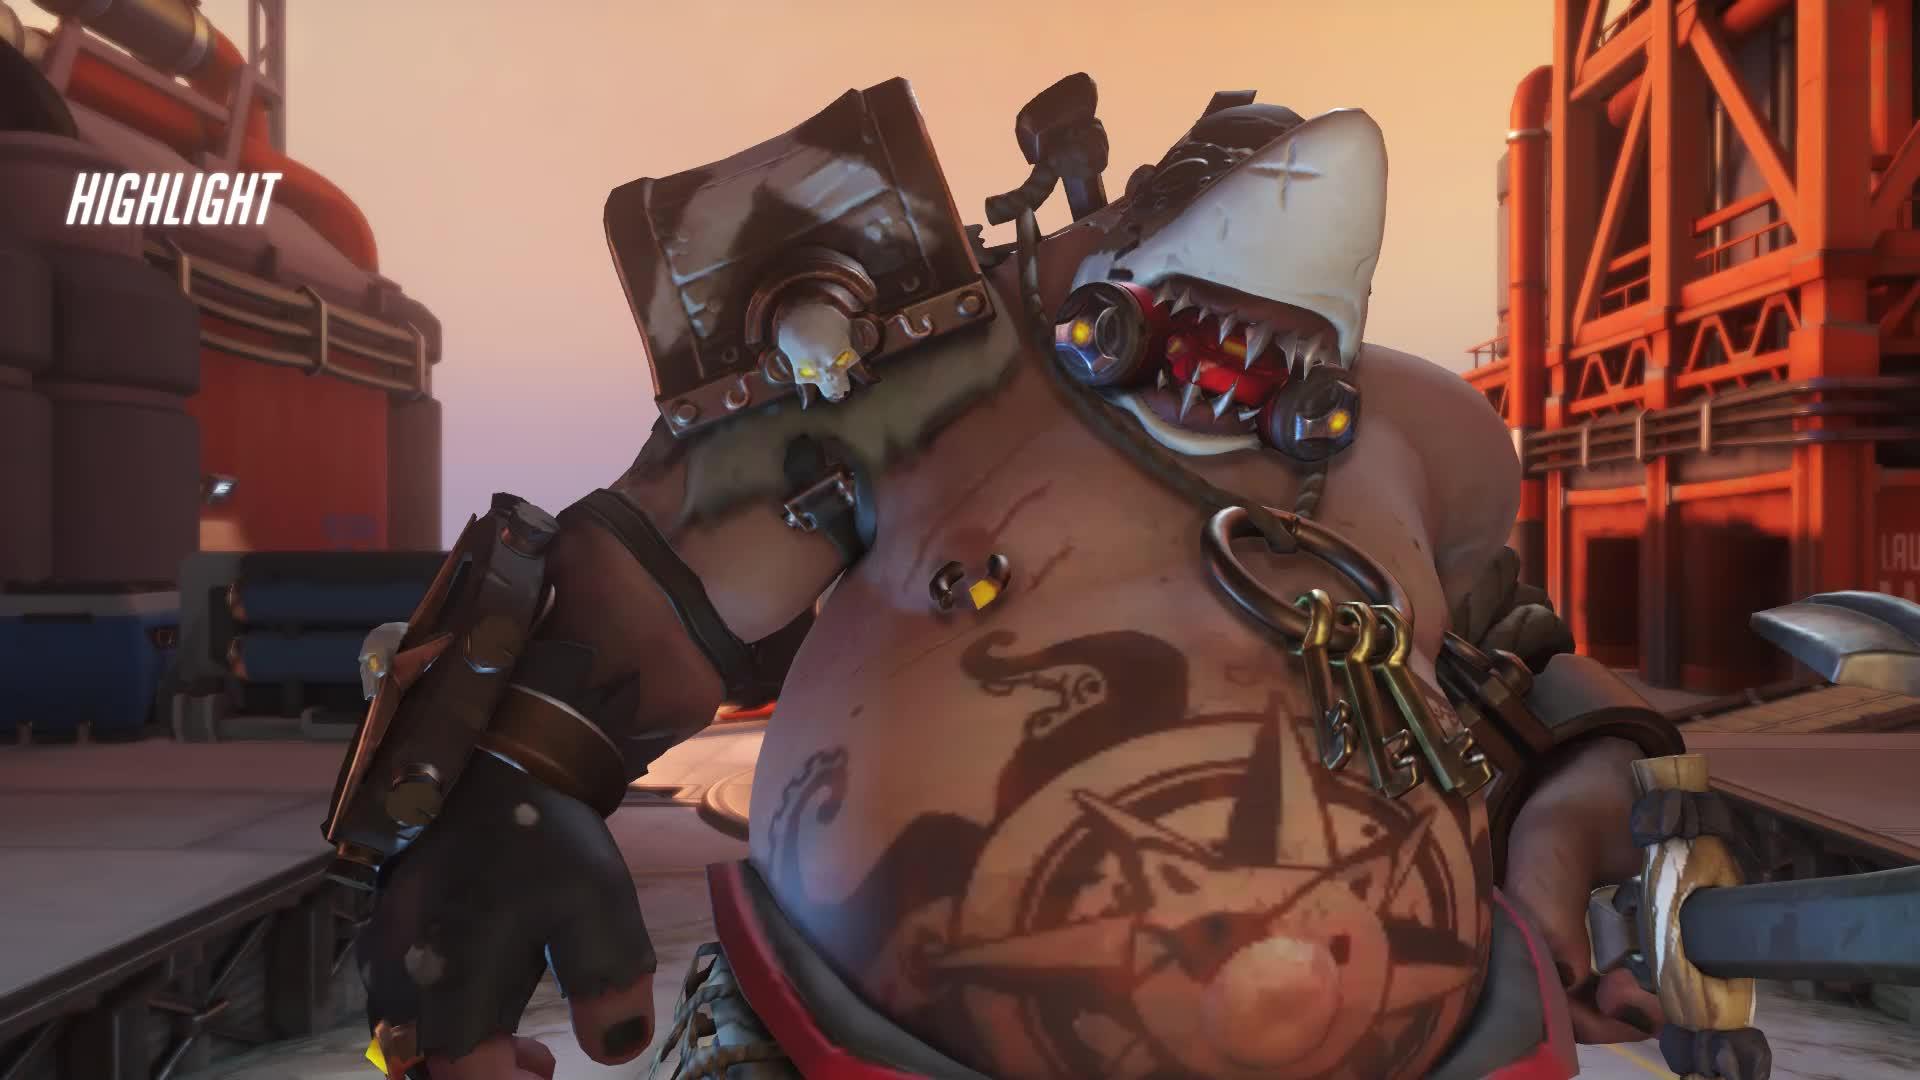 overwatch, roadhog, hog says sit GIFs